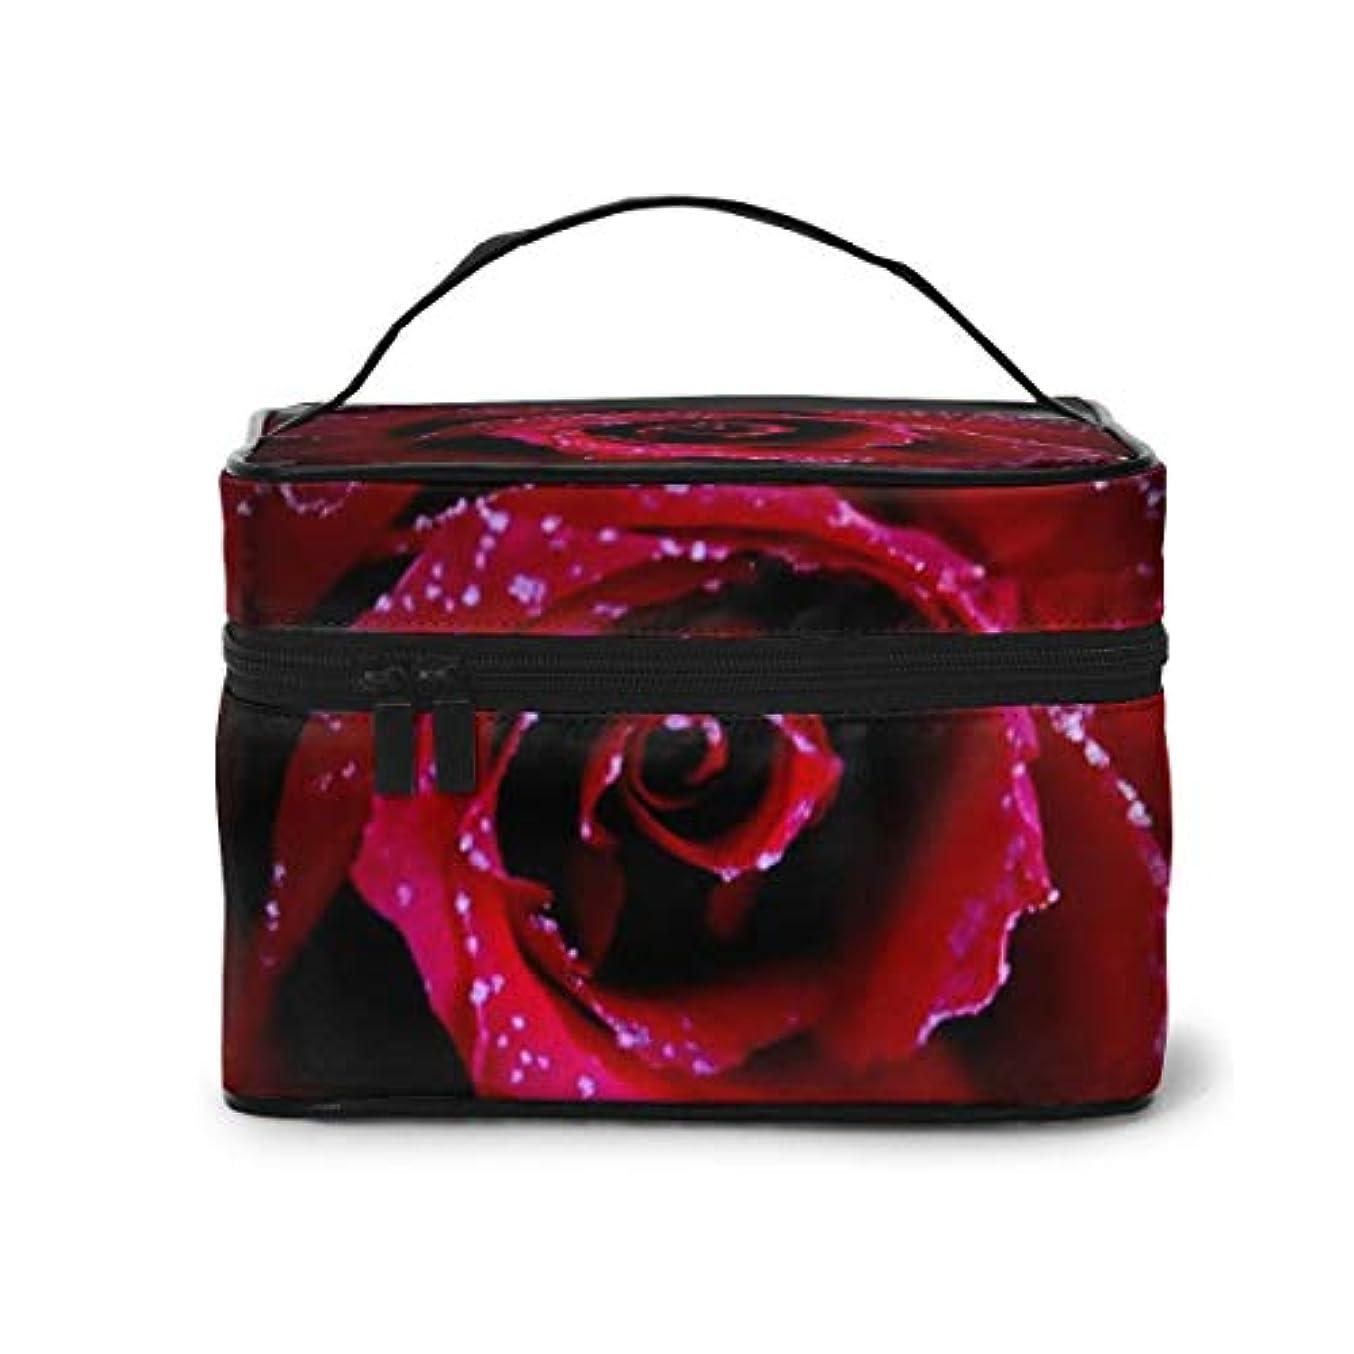 カレンダー印をつける荒らすメイクポーチ 化粧ポーチ コスメバッグ バニティケース トラベルポーチ 薔薇 レッド 雑貨 小物入れ 出張用 超軽量 機能的 大容量 収納ボックス